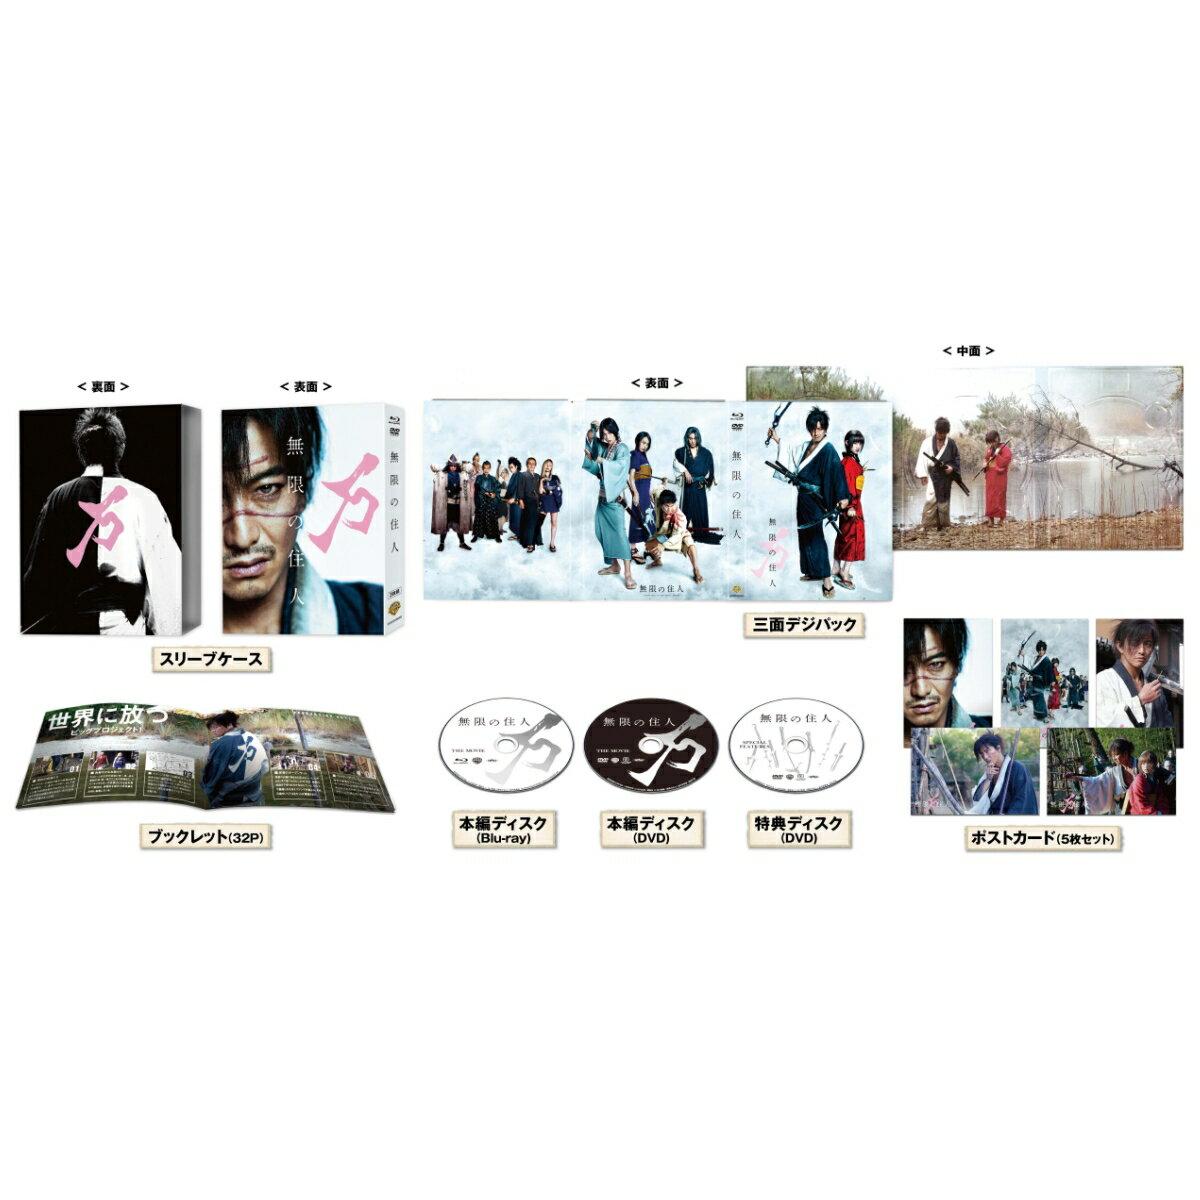 無限の住人 ブルーレイ&DVDセット プレミアム・エディション(3枚組)(初回仕様)【Blu-ray】 [ 木村拓哉 ]